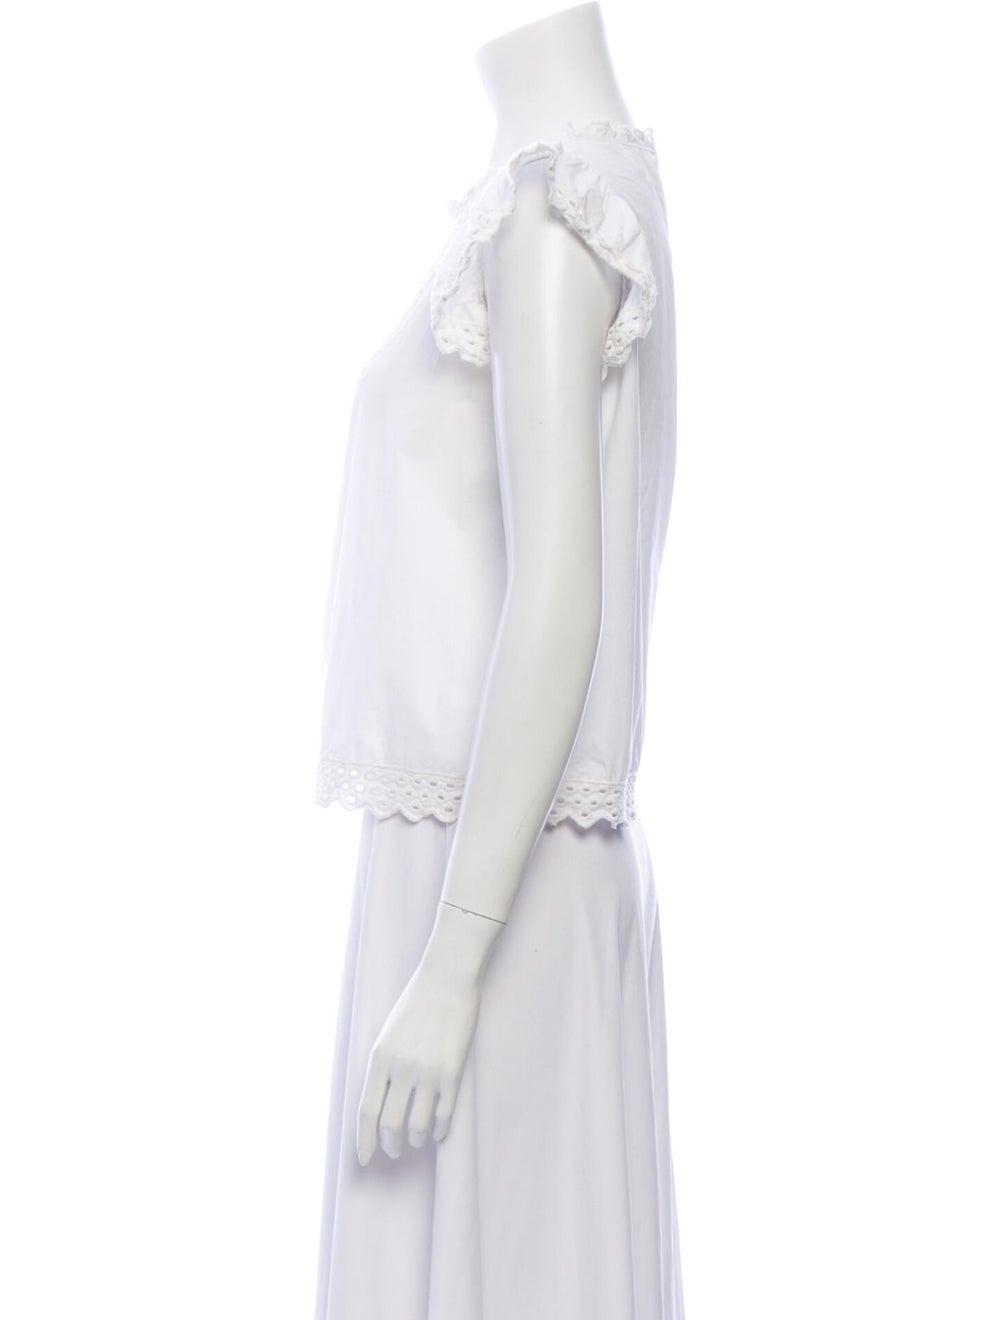 Isabel Marant Lace Pattern Crew Neck Blouse White - image 2